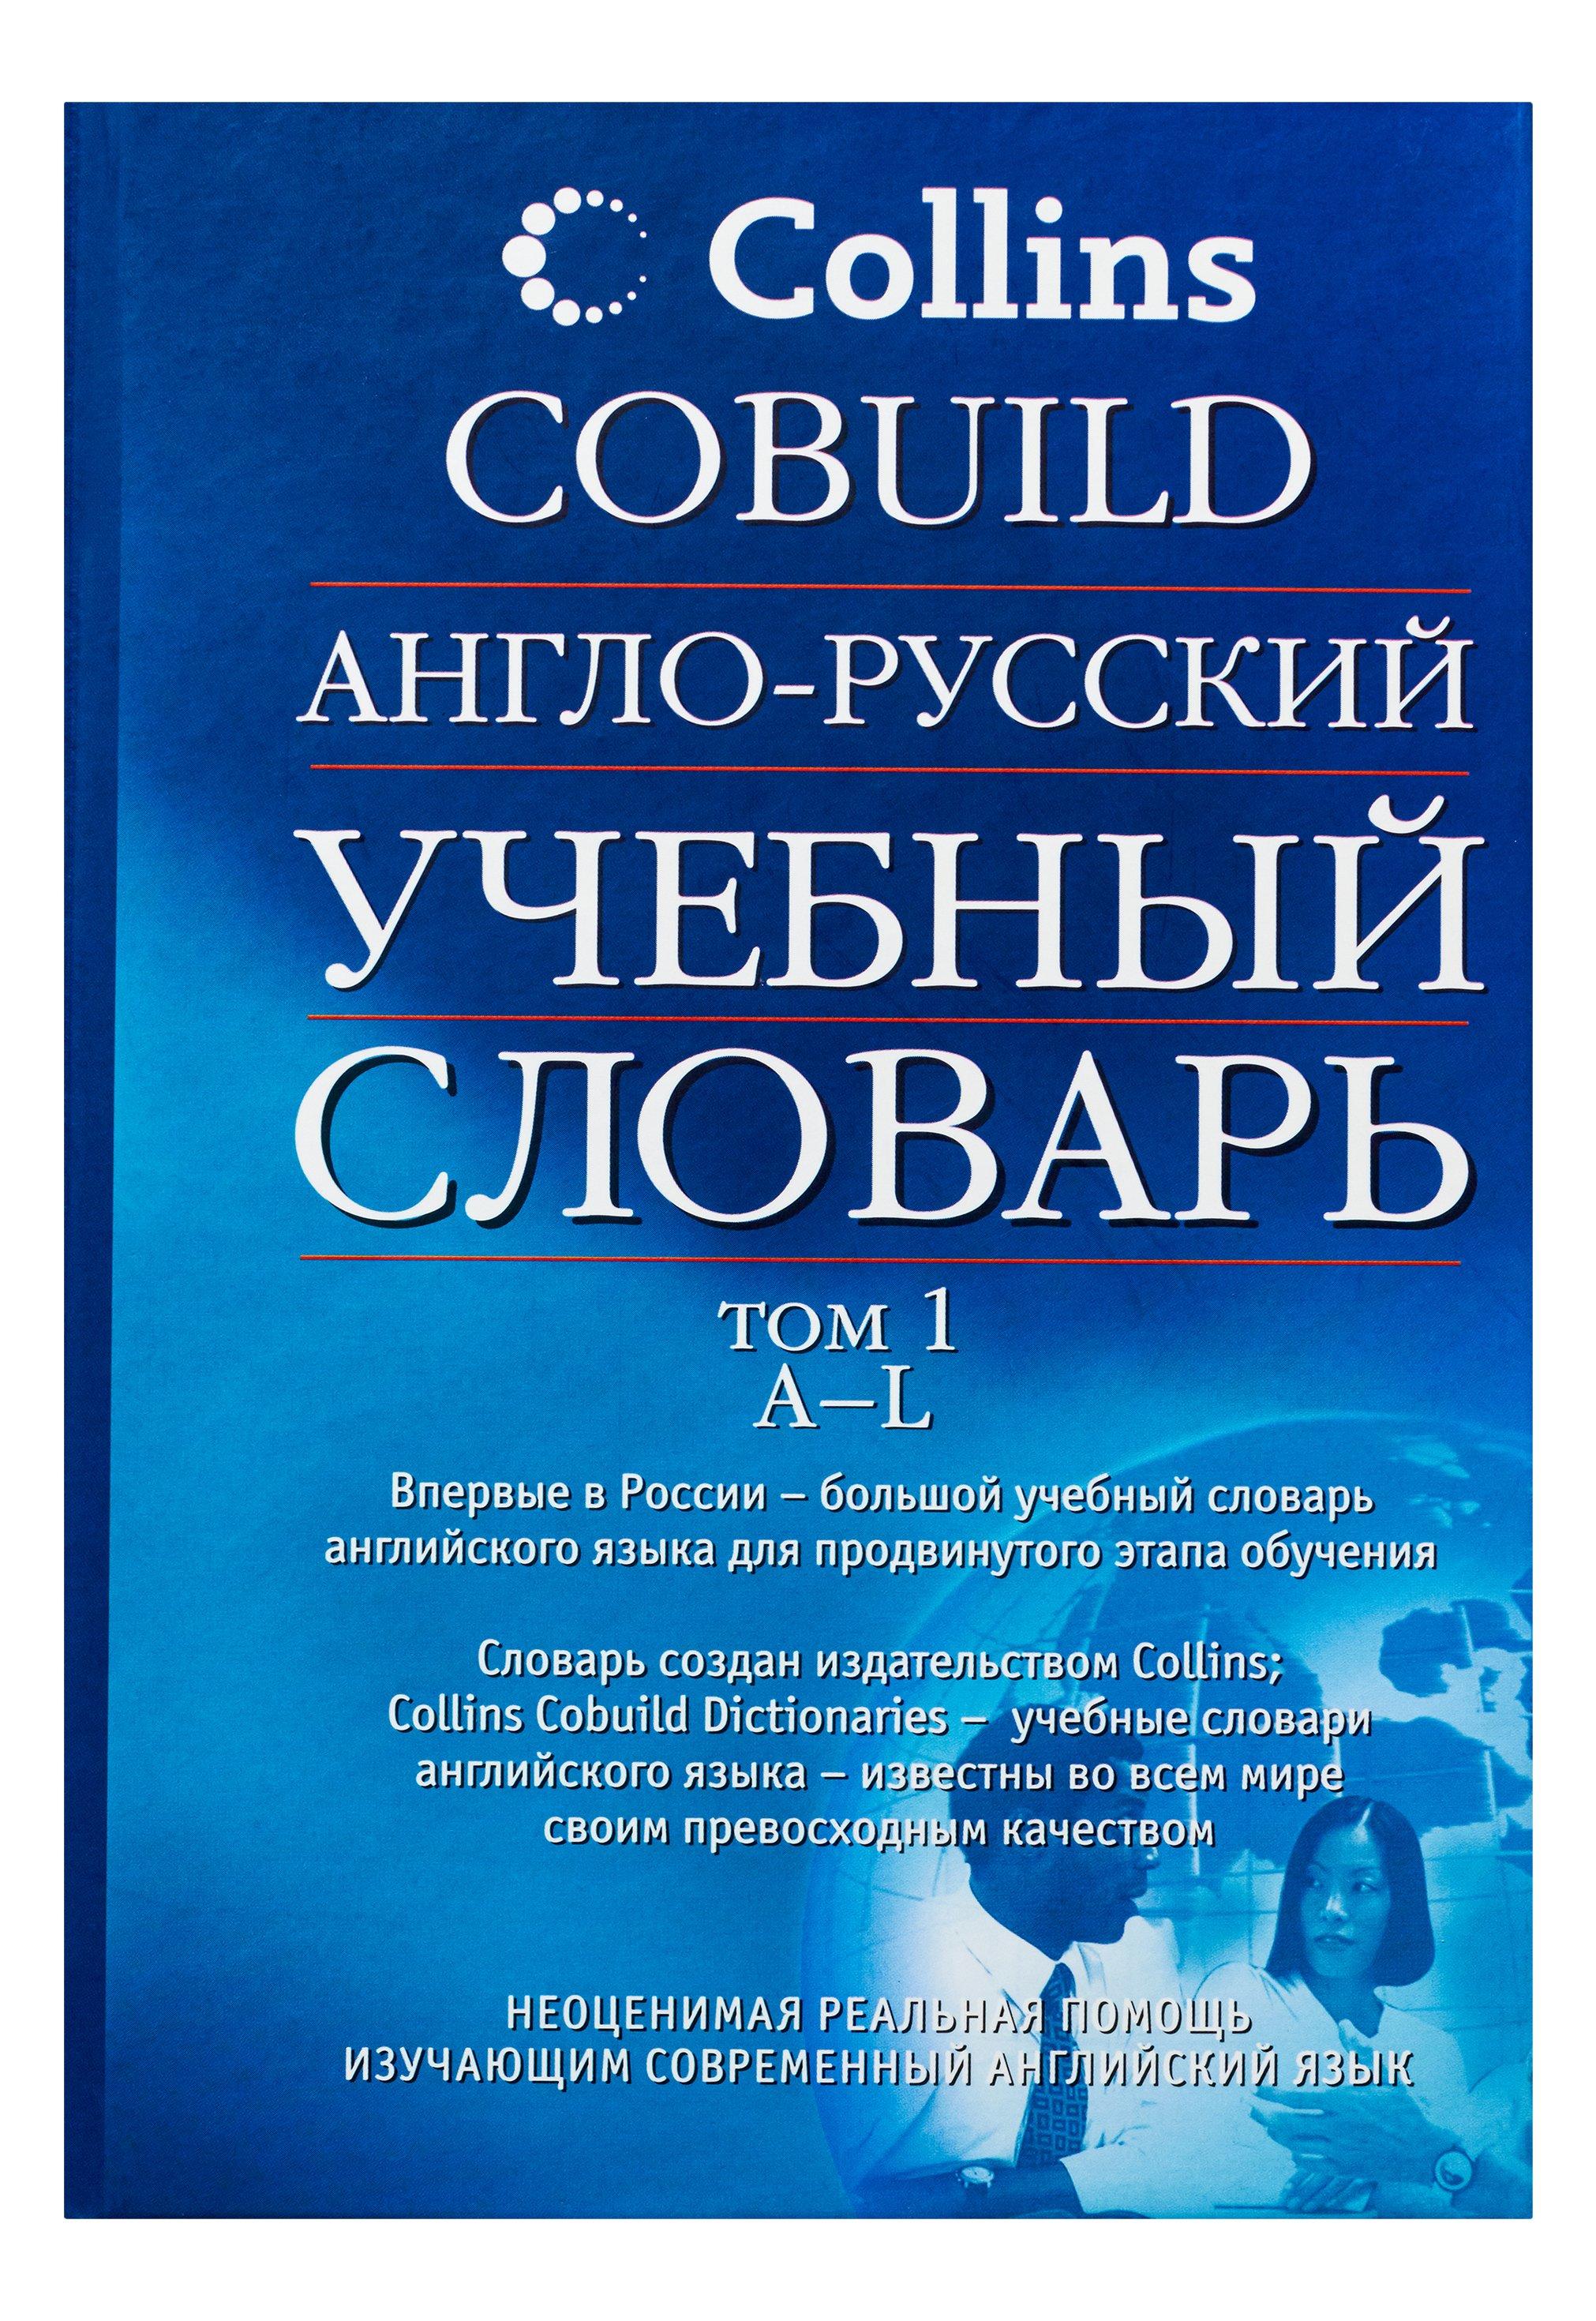 Zakazat.ru: Англо-русский учебный словарь. [В 2 т.]. Т. 1. A-L. Кауль М.Р.